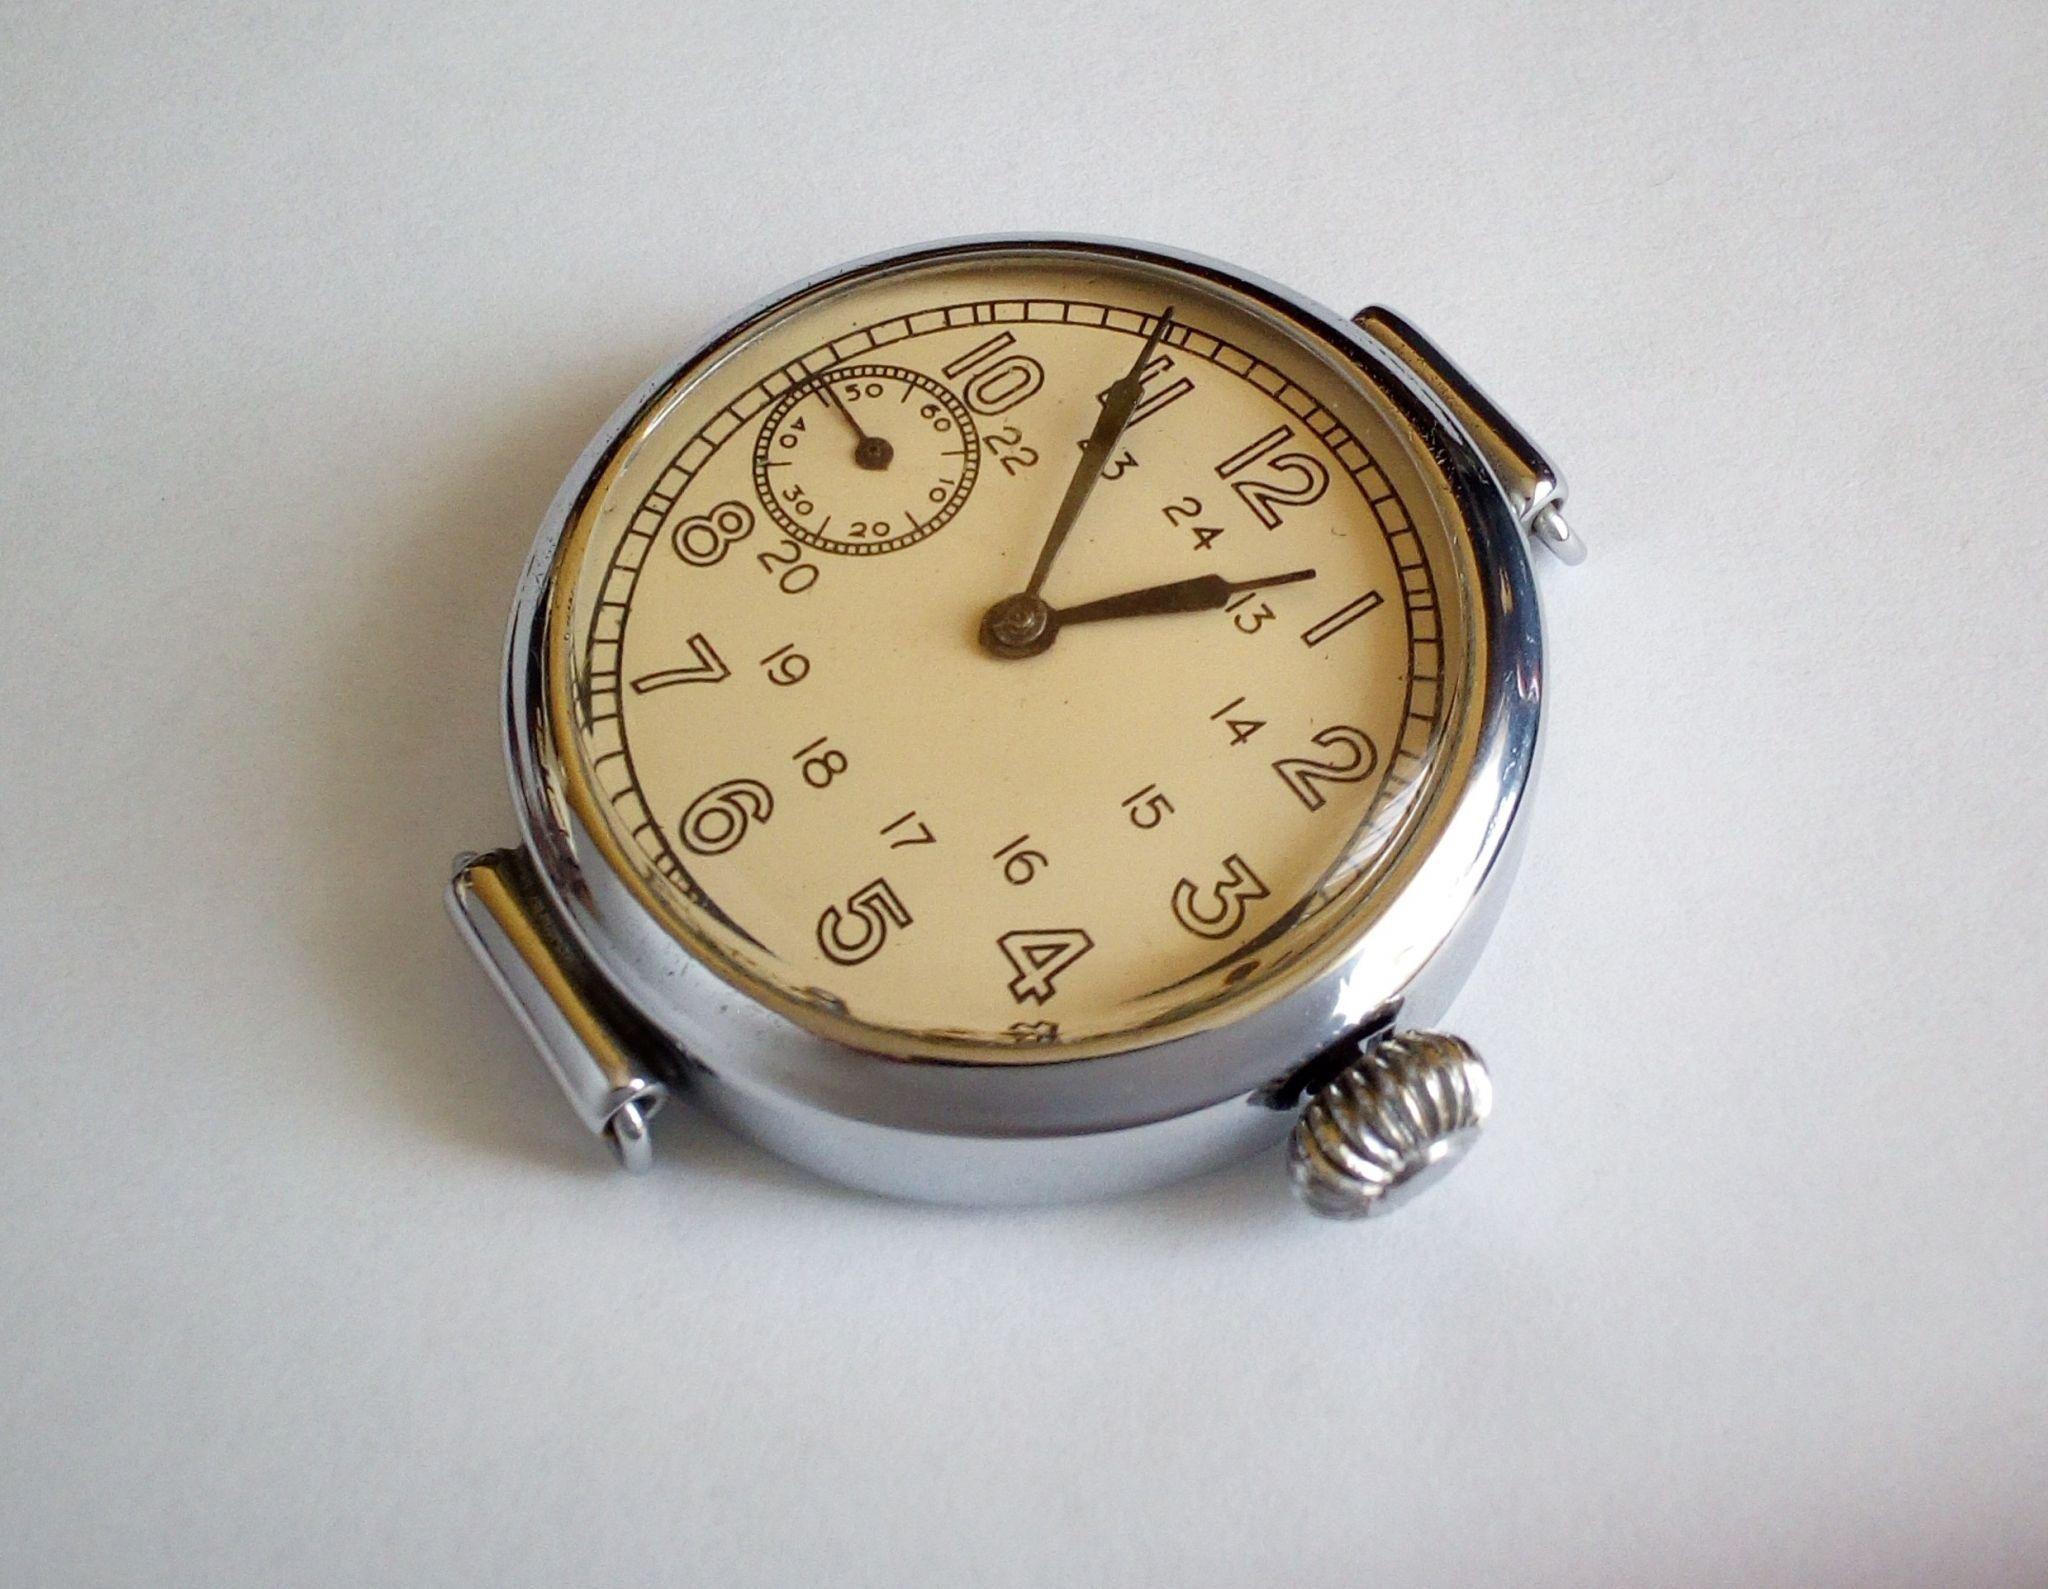 кировские часы фото картинка или фото